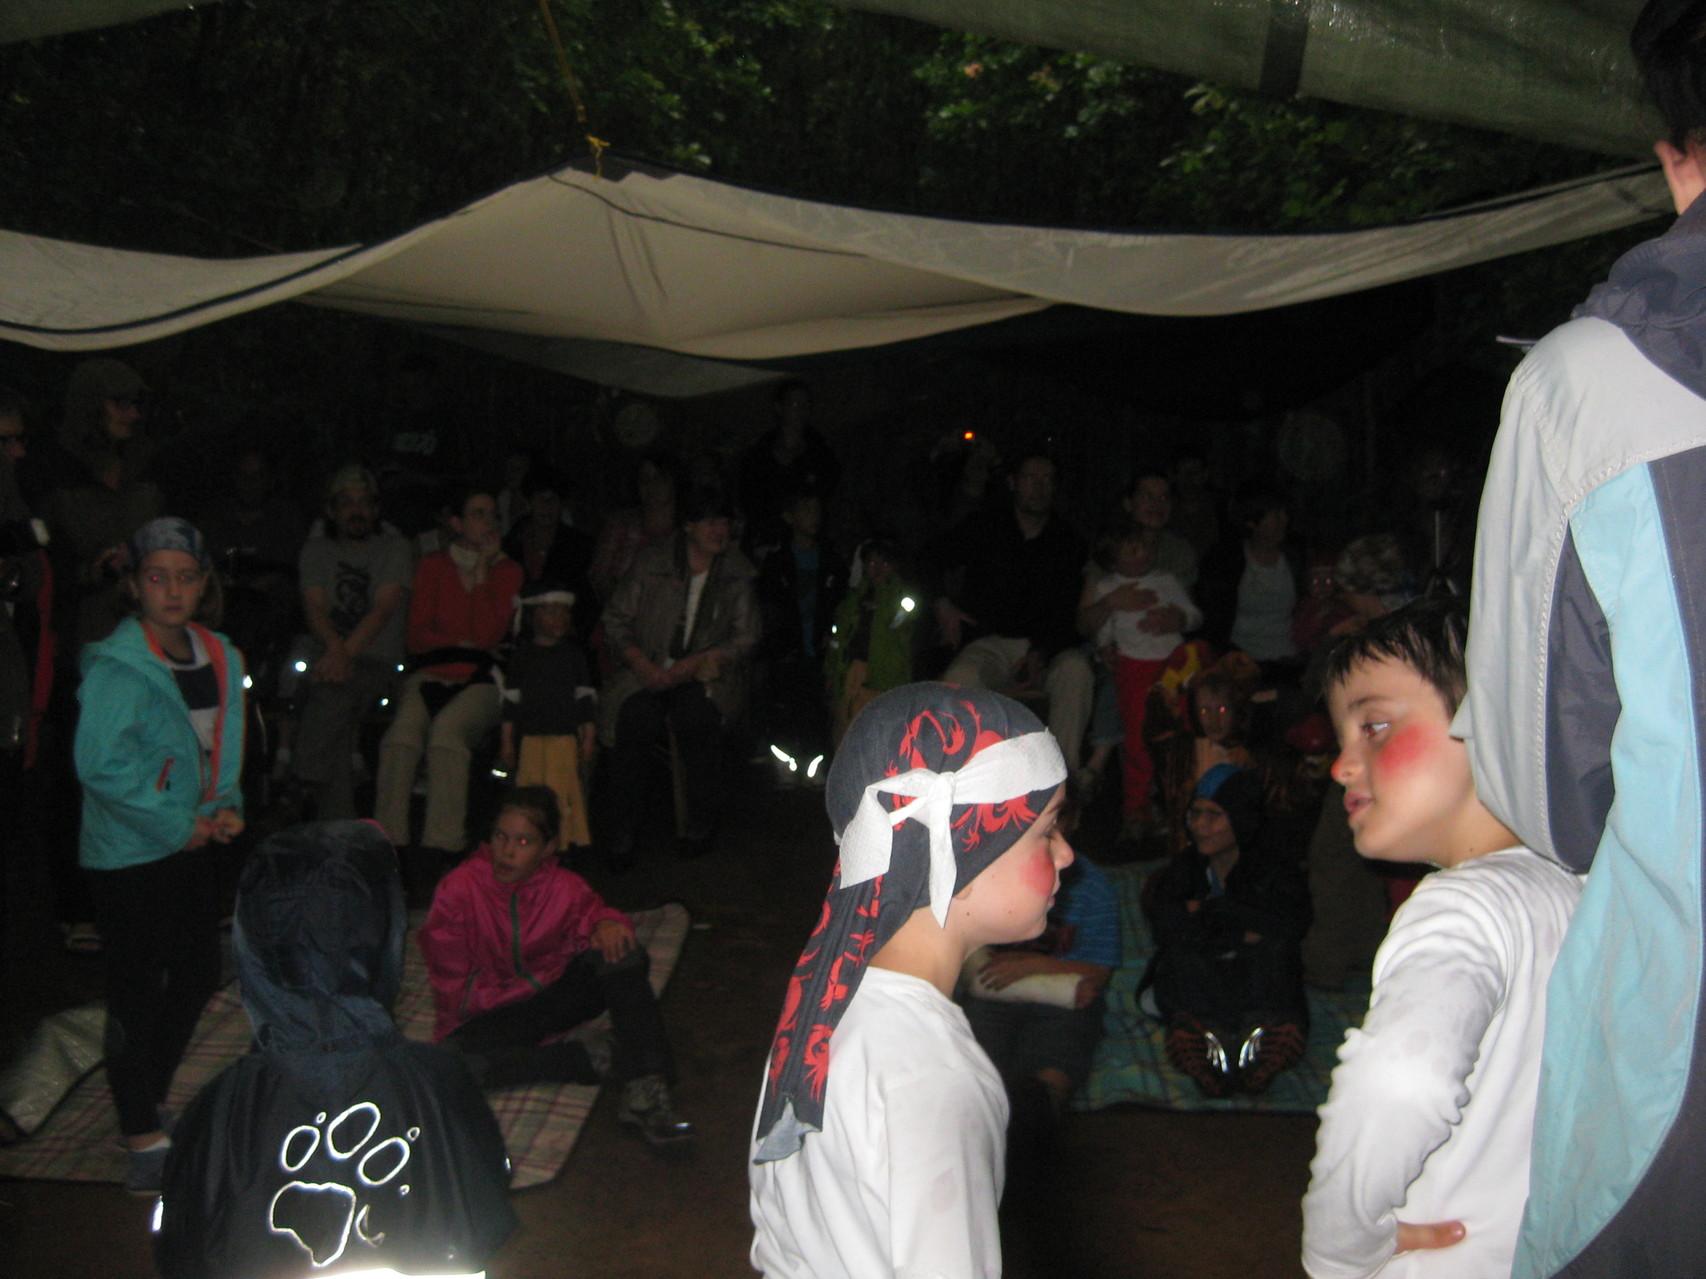 ...Abschlussfest 2013...